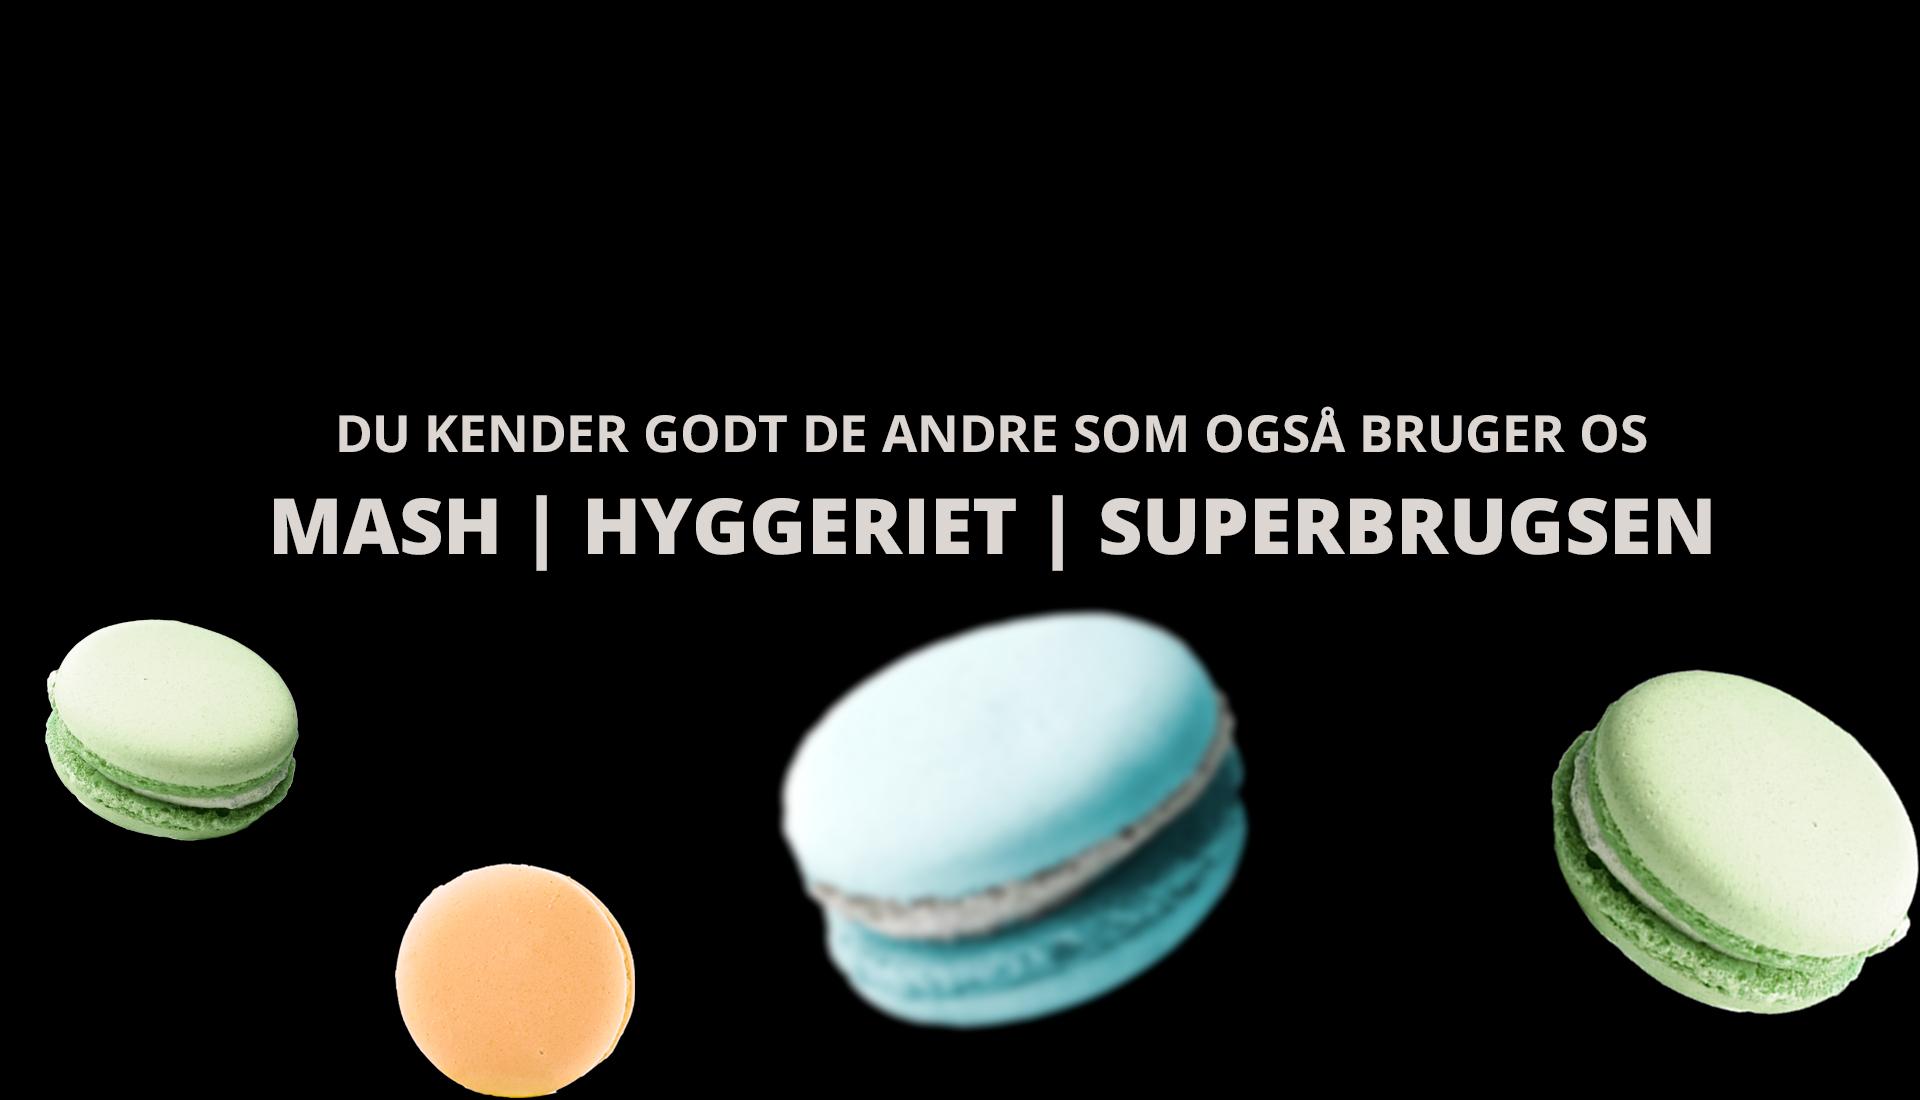 Mash   Hyggeriet   Superbrugsen